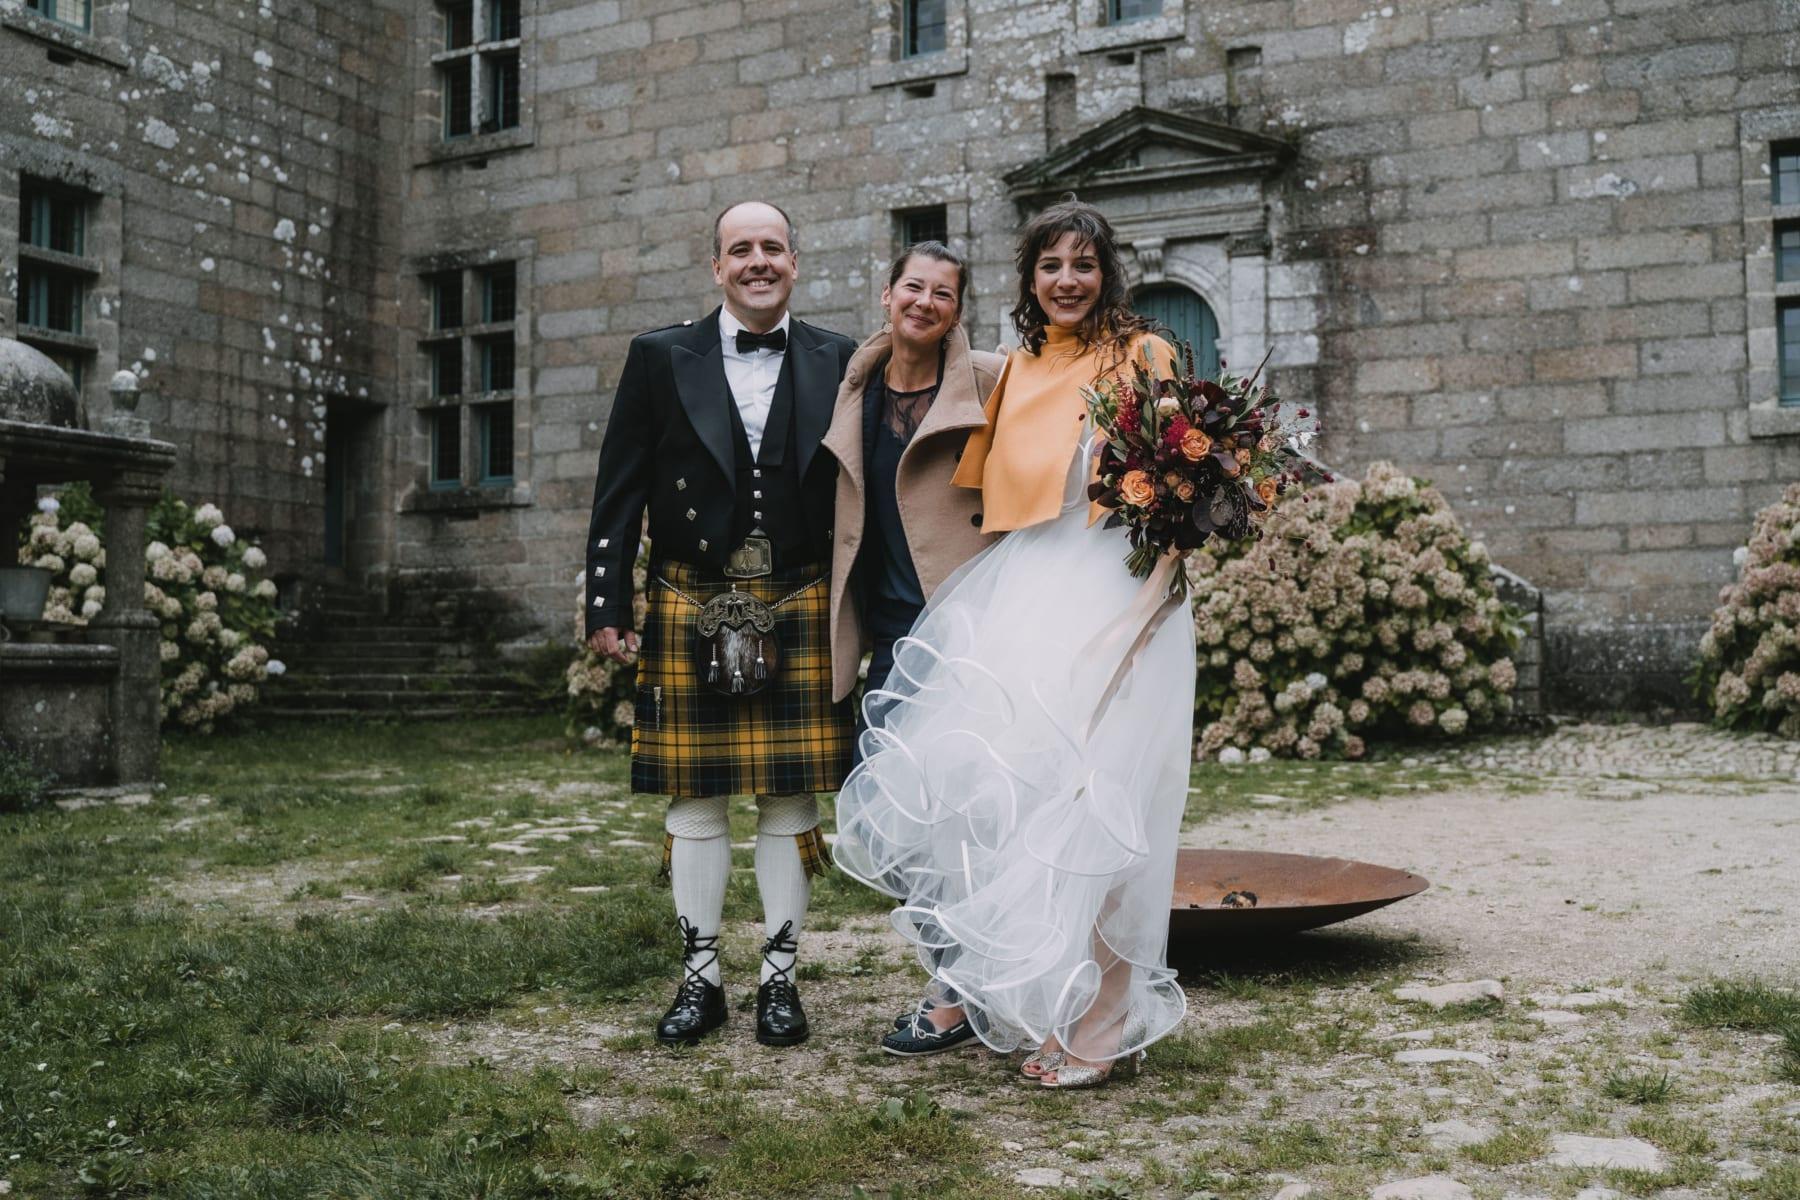 Mariage en kilt au château de Kergroadez avec Calypso events wedding planner